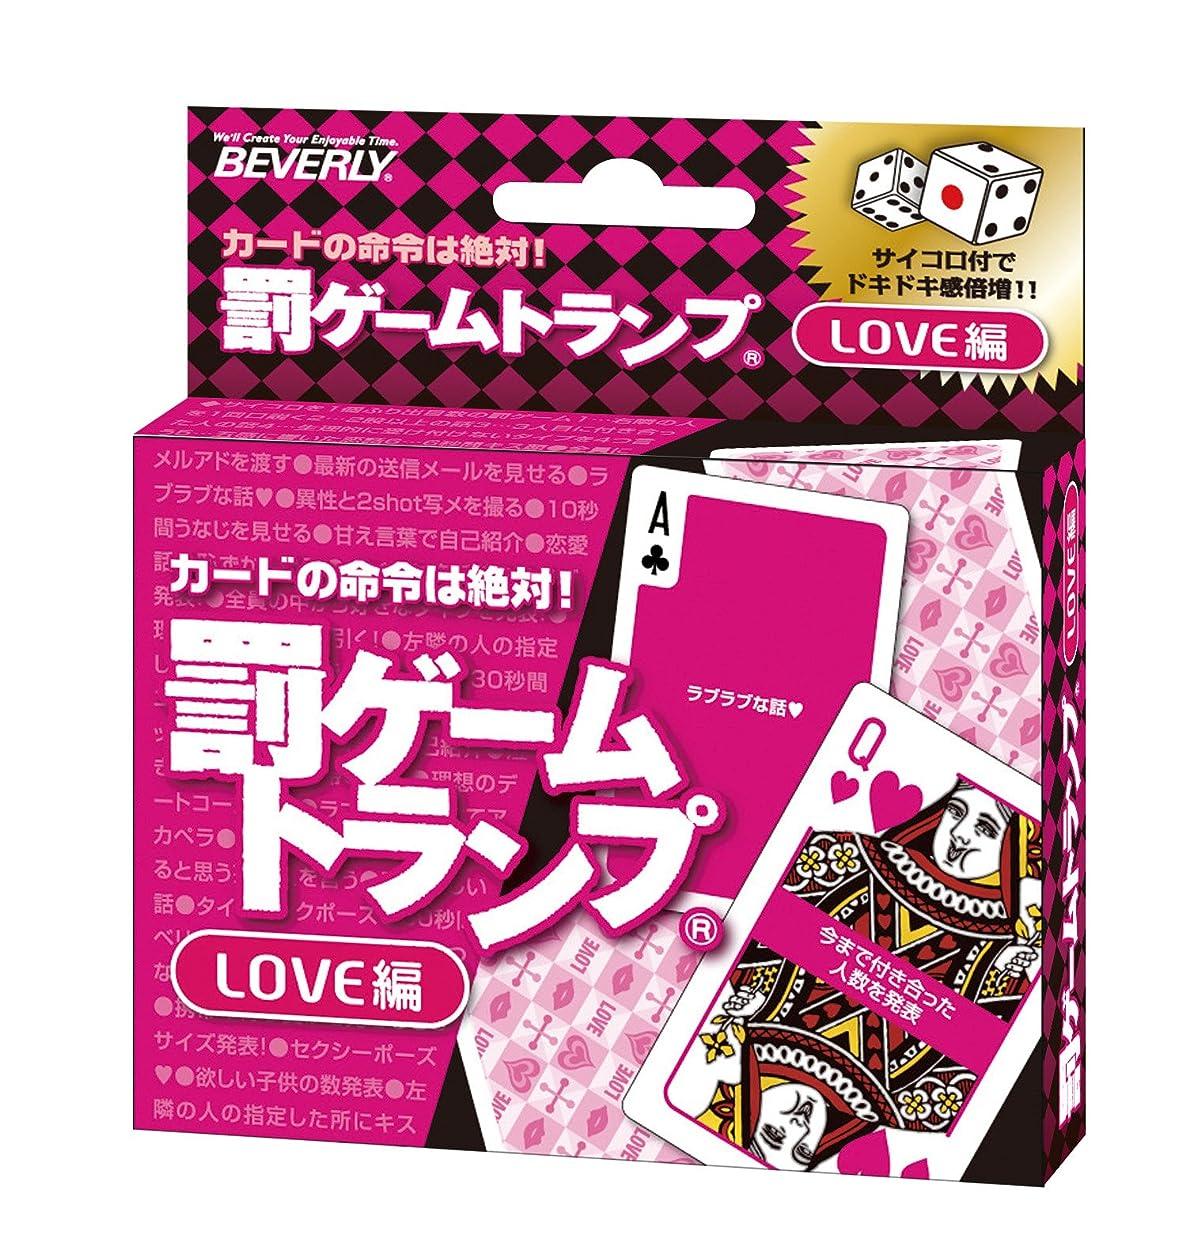 変形推進、動かす試す罰ゲームトランプ LOVE編ダイス付 TRA-033